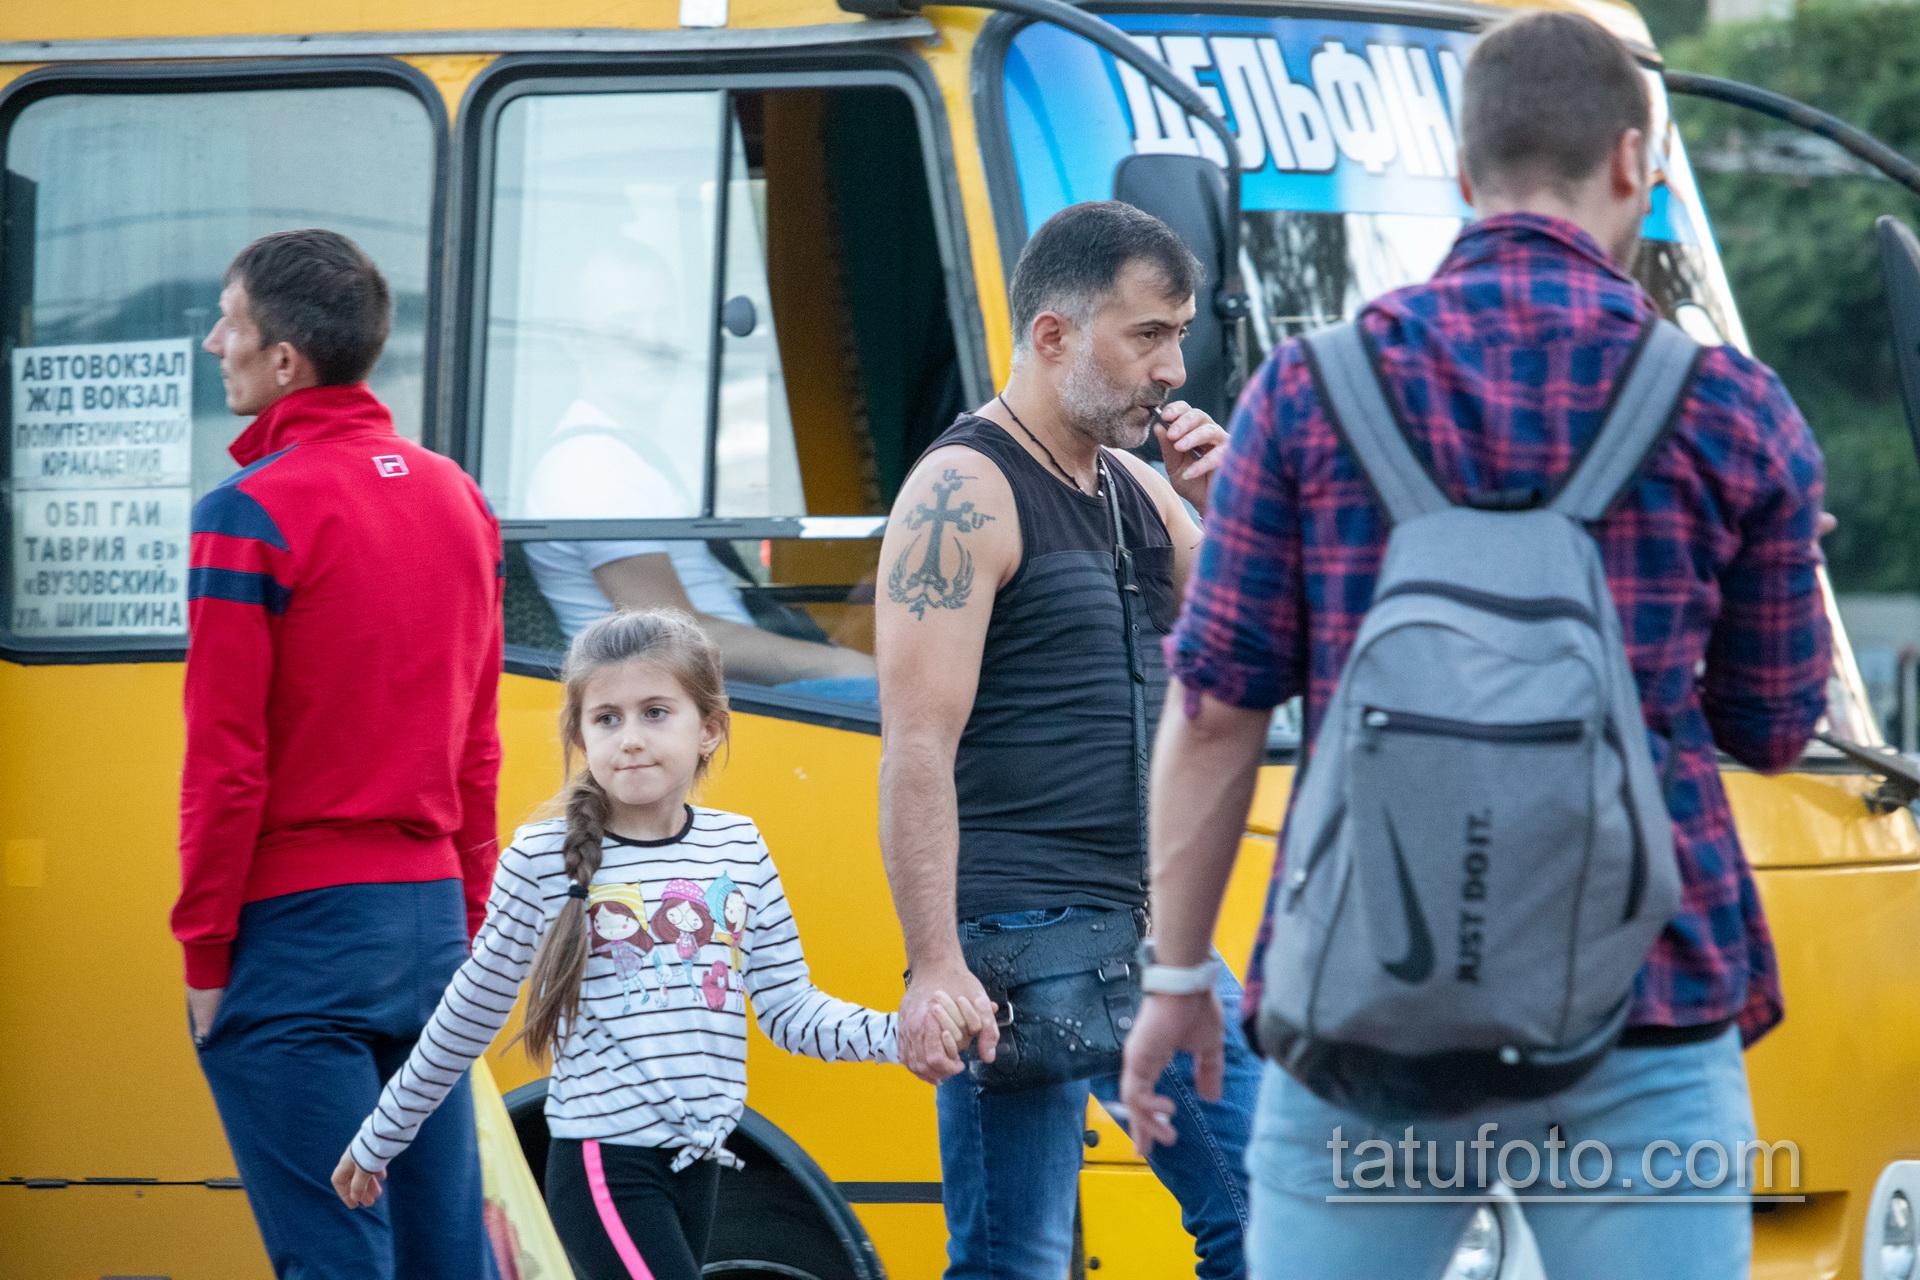 Тату крест и крылья на правом плече мужчины - Уличная татуировка 14.09.2020 – tatufoto.com 1